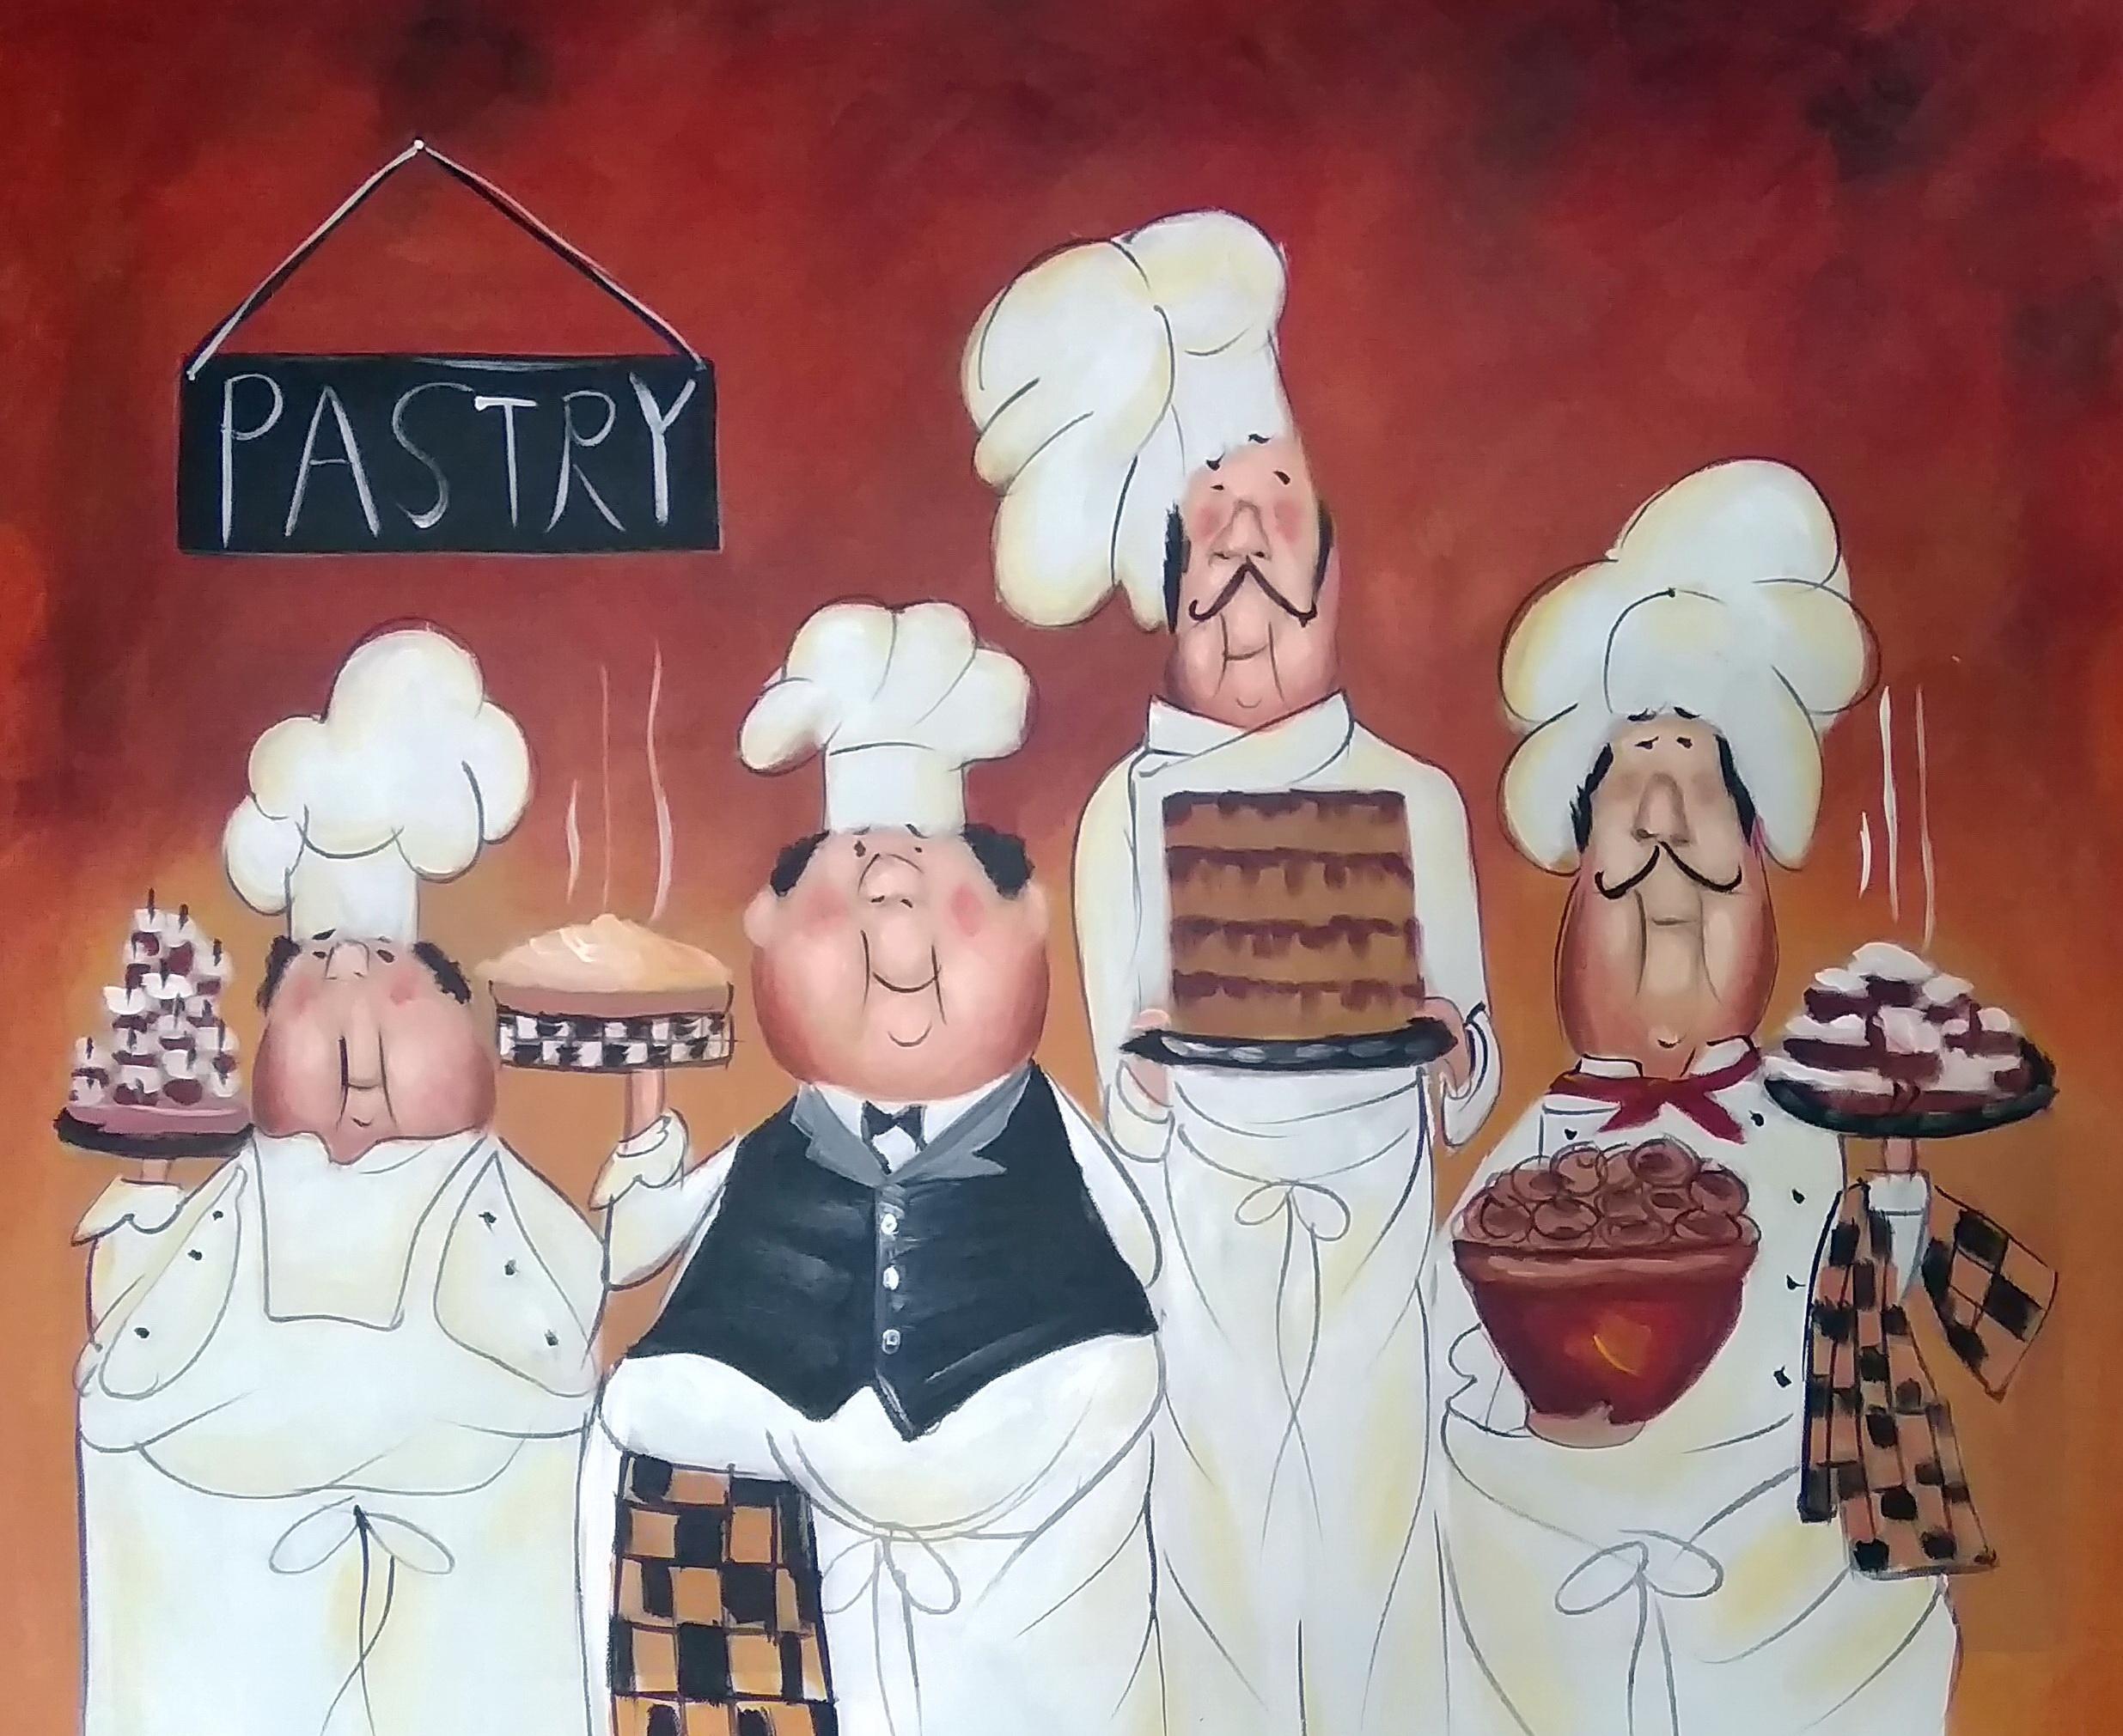 «Pastry» Картина 50х60 арт. Р150